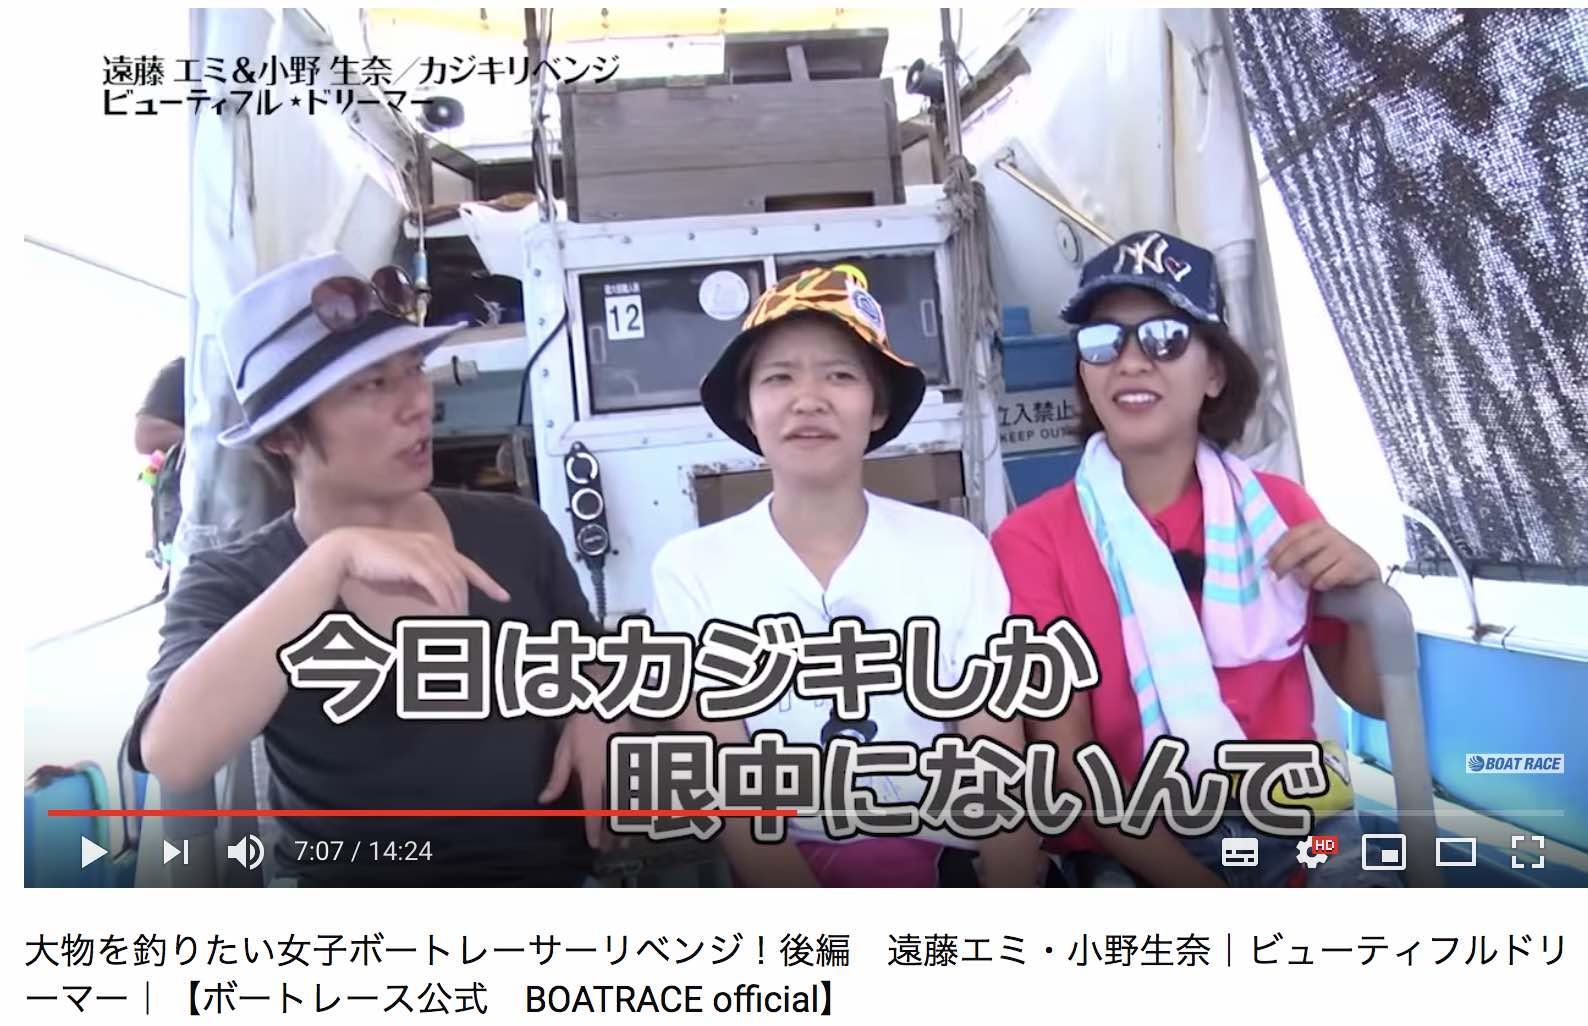 ビューティフル・ドリーマーで小野生奈選手と遠藤エミ選手